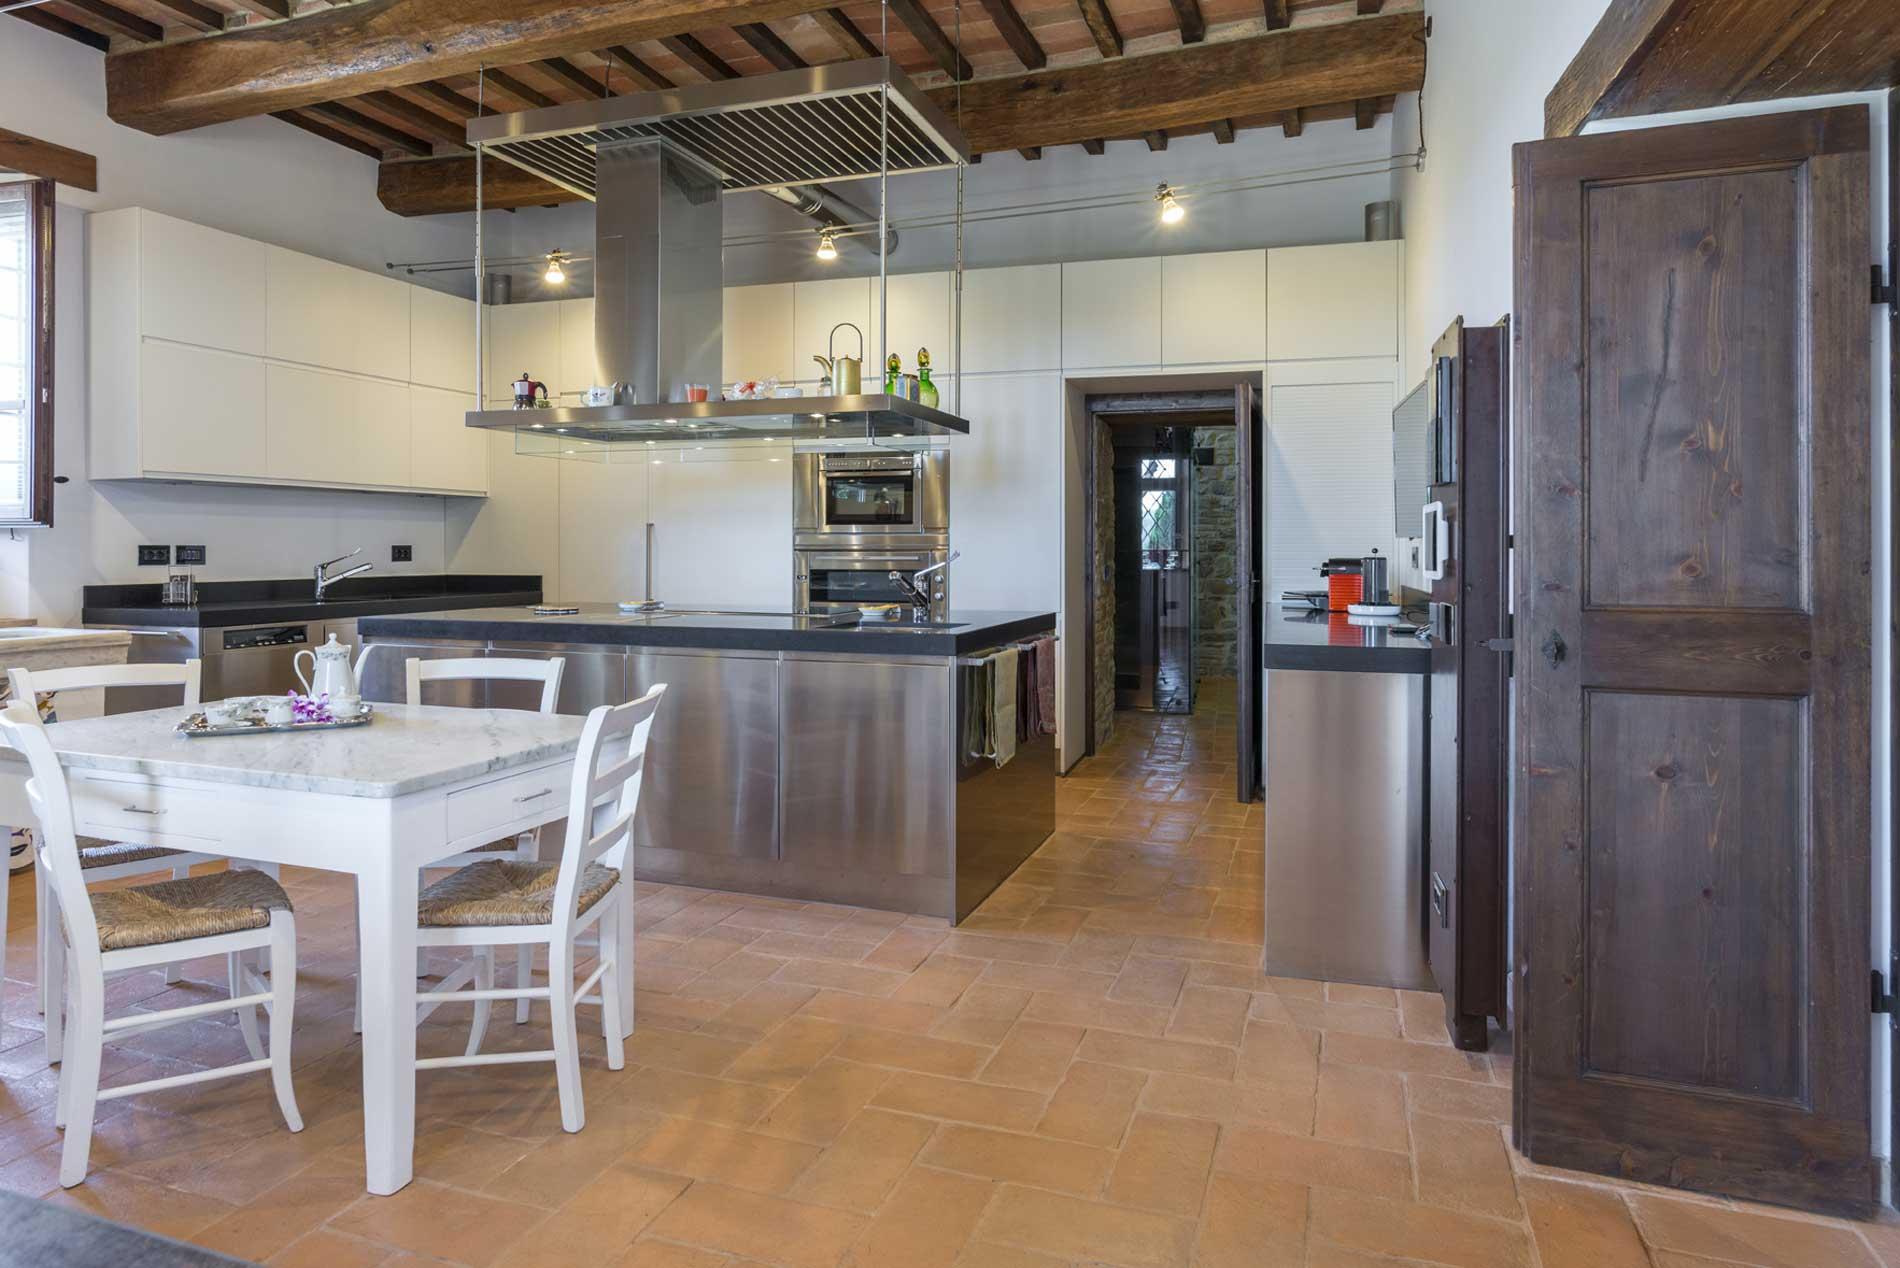 Pavimenti in cotto fatto a mano per interni ed esterni  Fornace Bernasconi